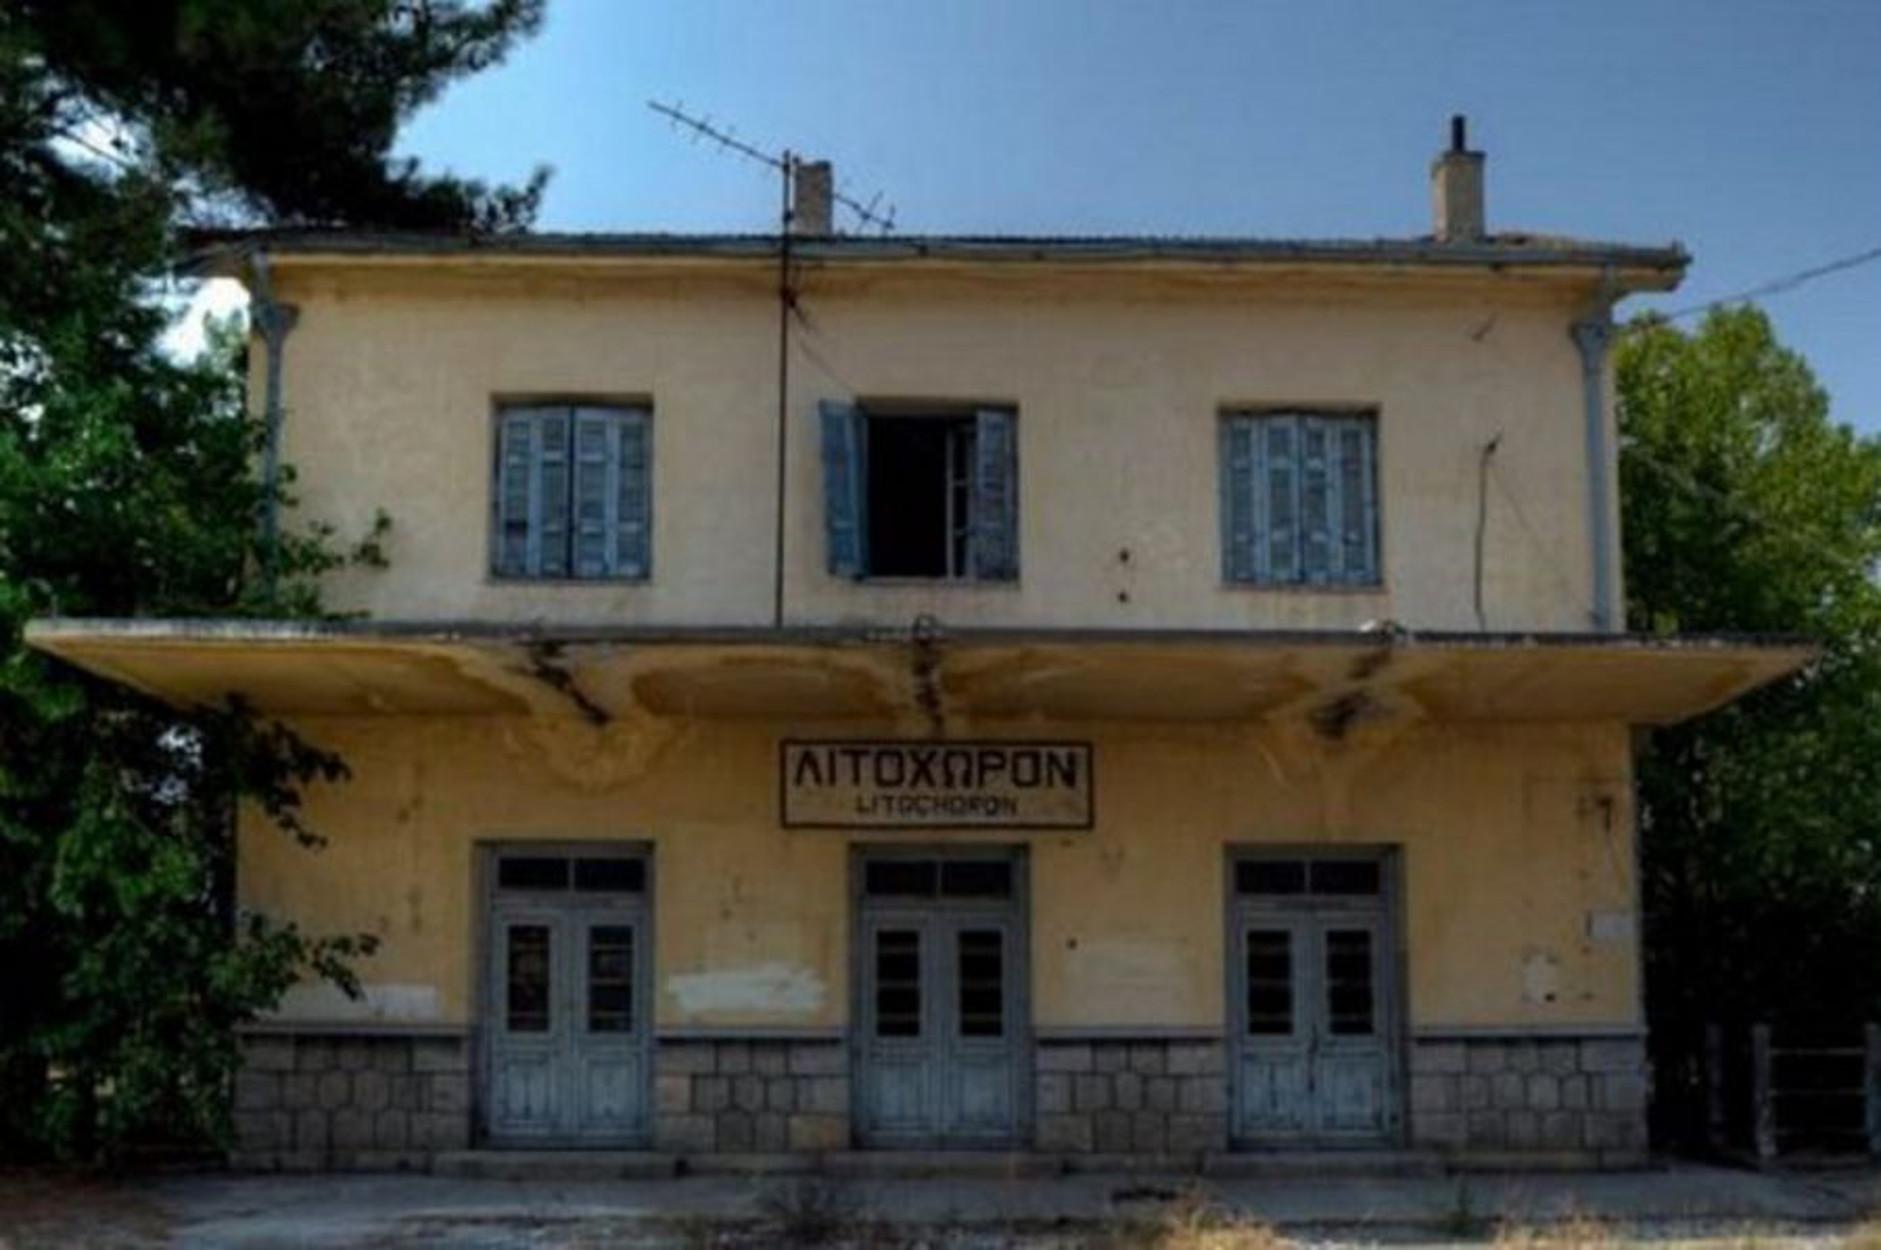 Λιτόχωρο: Άνδρας βρέθηκε κρεμασμένος στον παλιό σιδηροδρομικό σταθμό